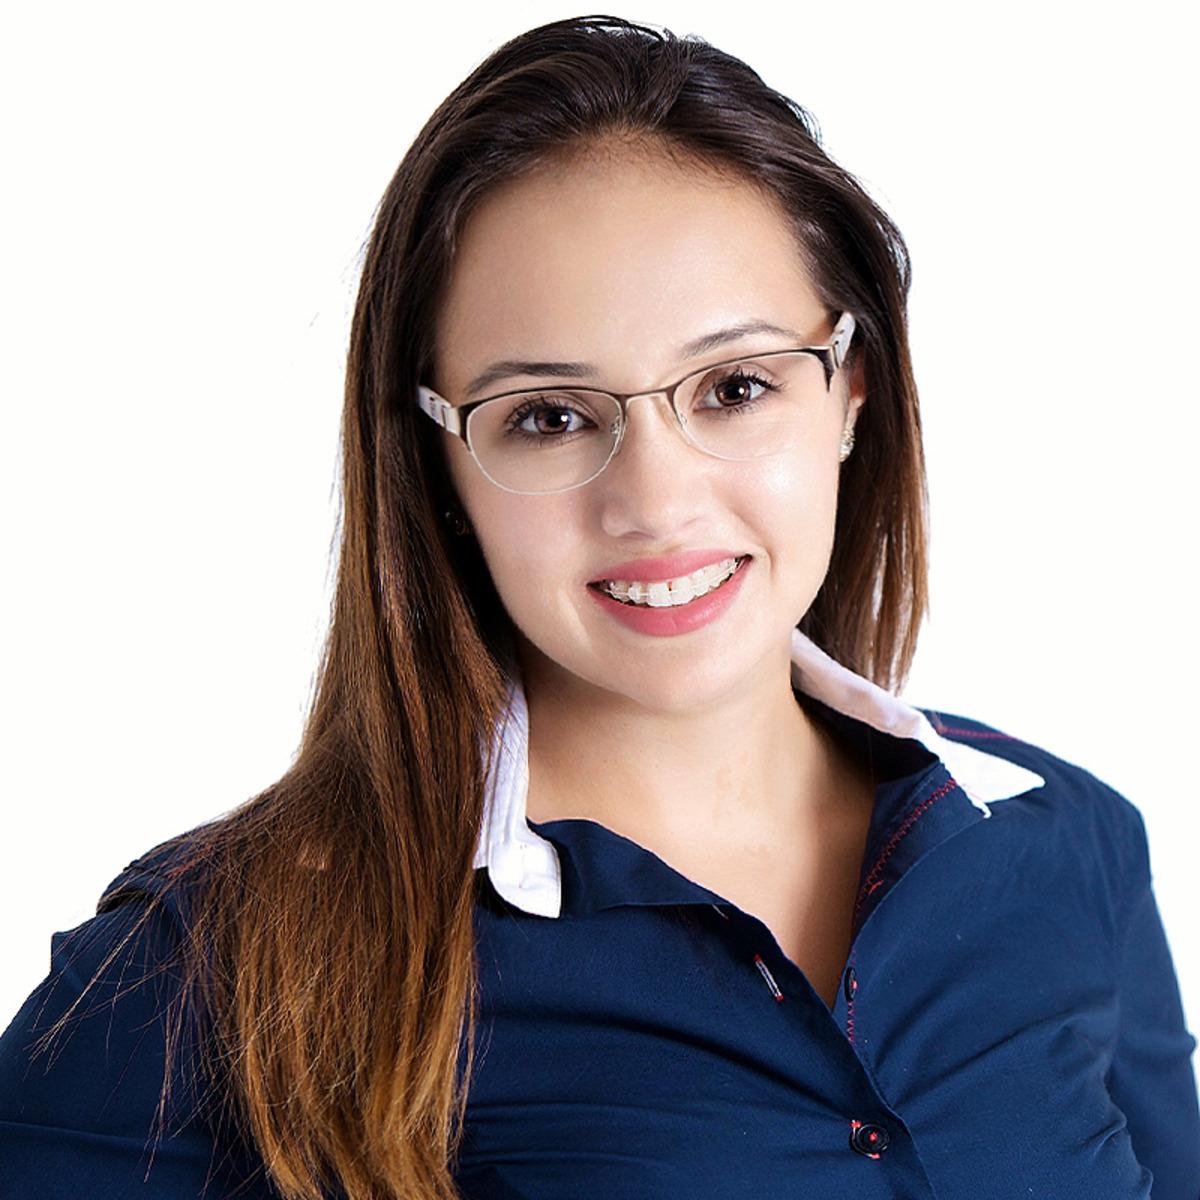 pré-candidata-a-vereadora-da-Câmara-Municipal-de-Contagem-do-Isabella-Filarett_com tratamento